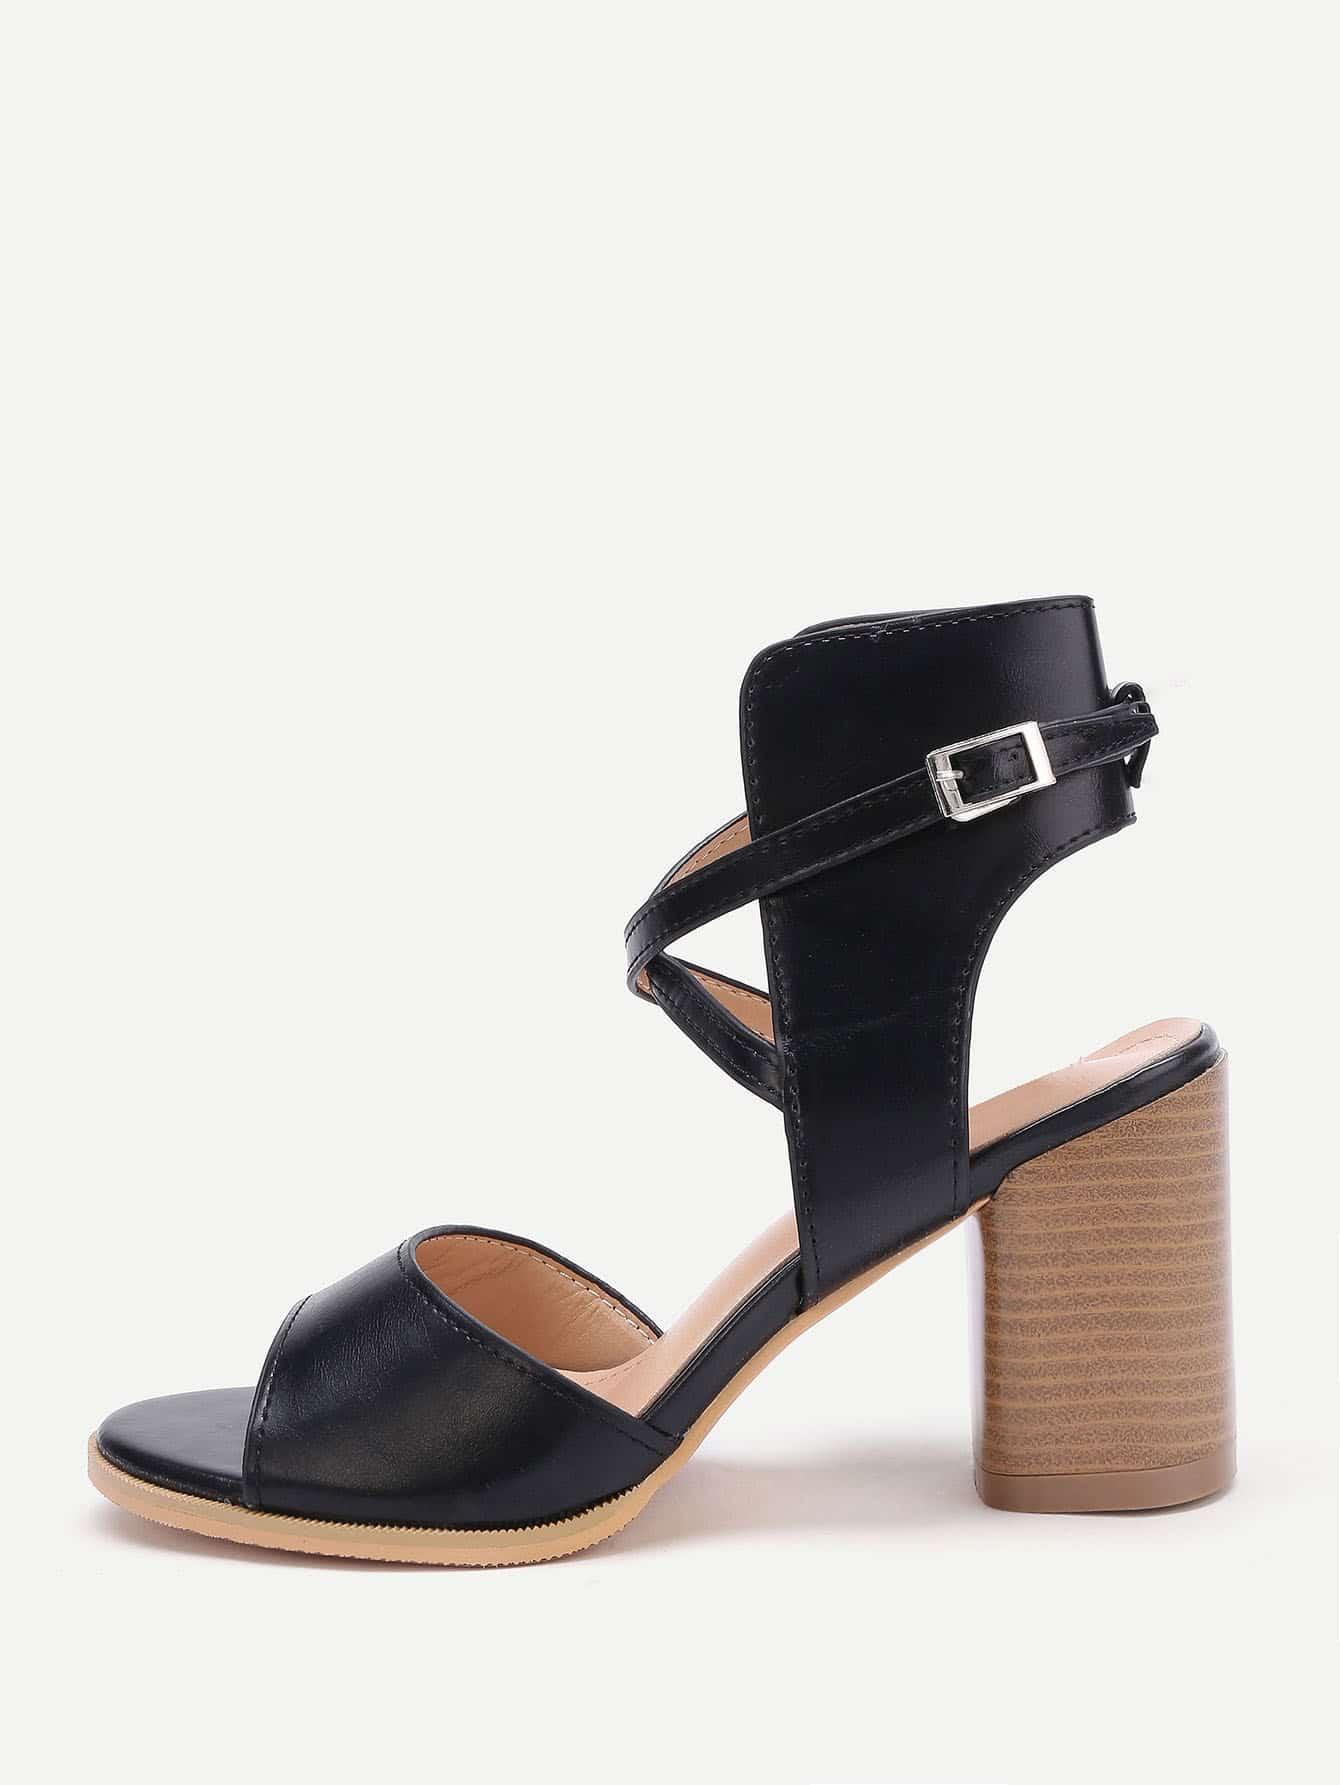 shoes170424804_2